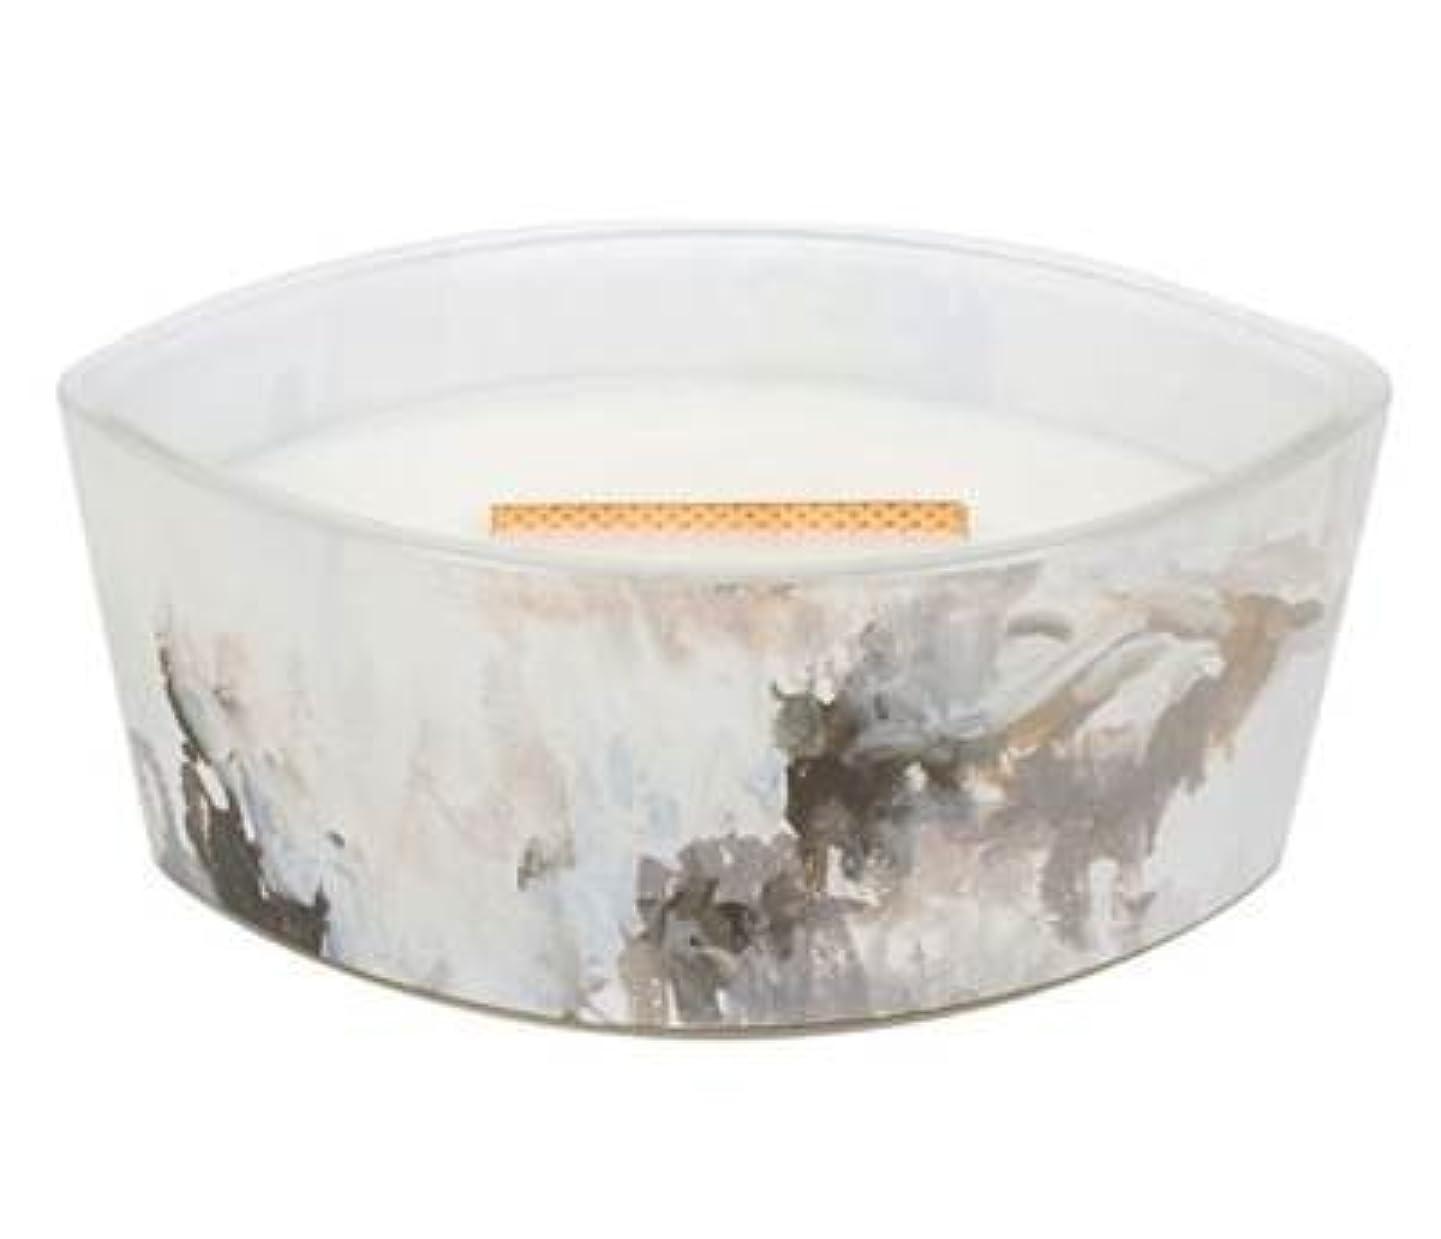 リズミカルなマーティンルーサーキングジュニアもっと少なくHoney Tabac – アーティザンコレクション楕円WoodWick香りつきJar Candle